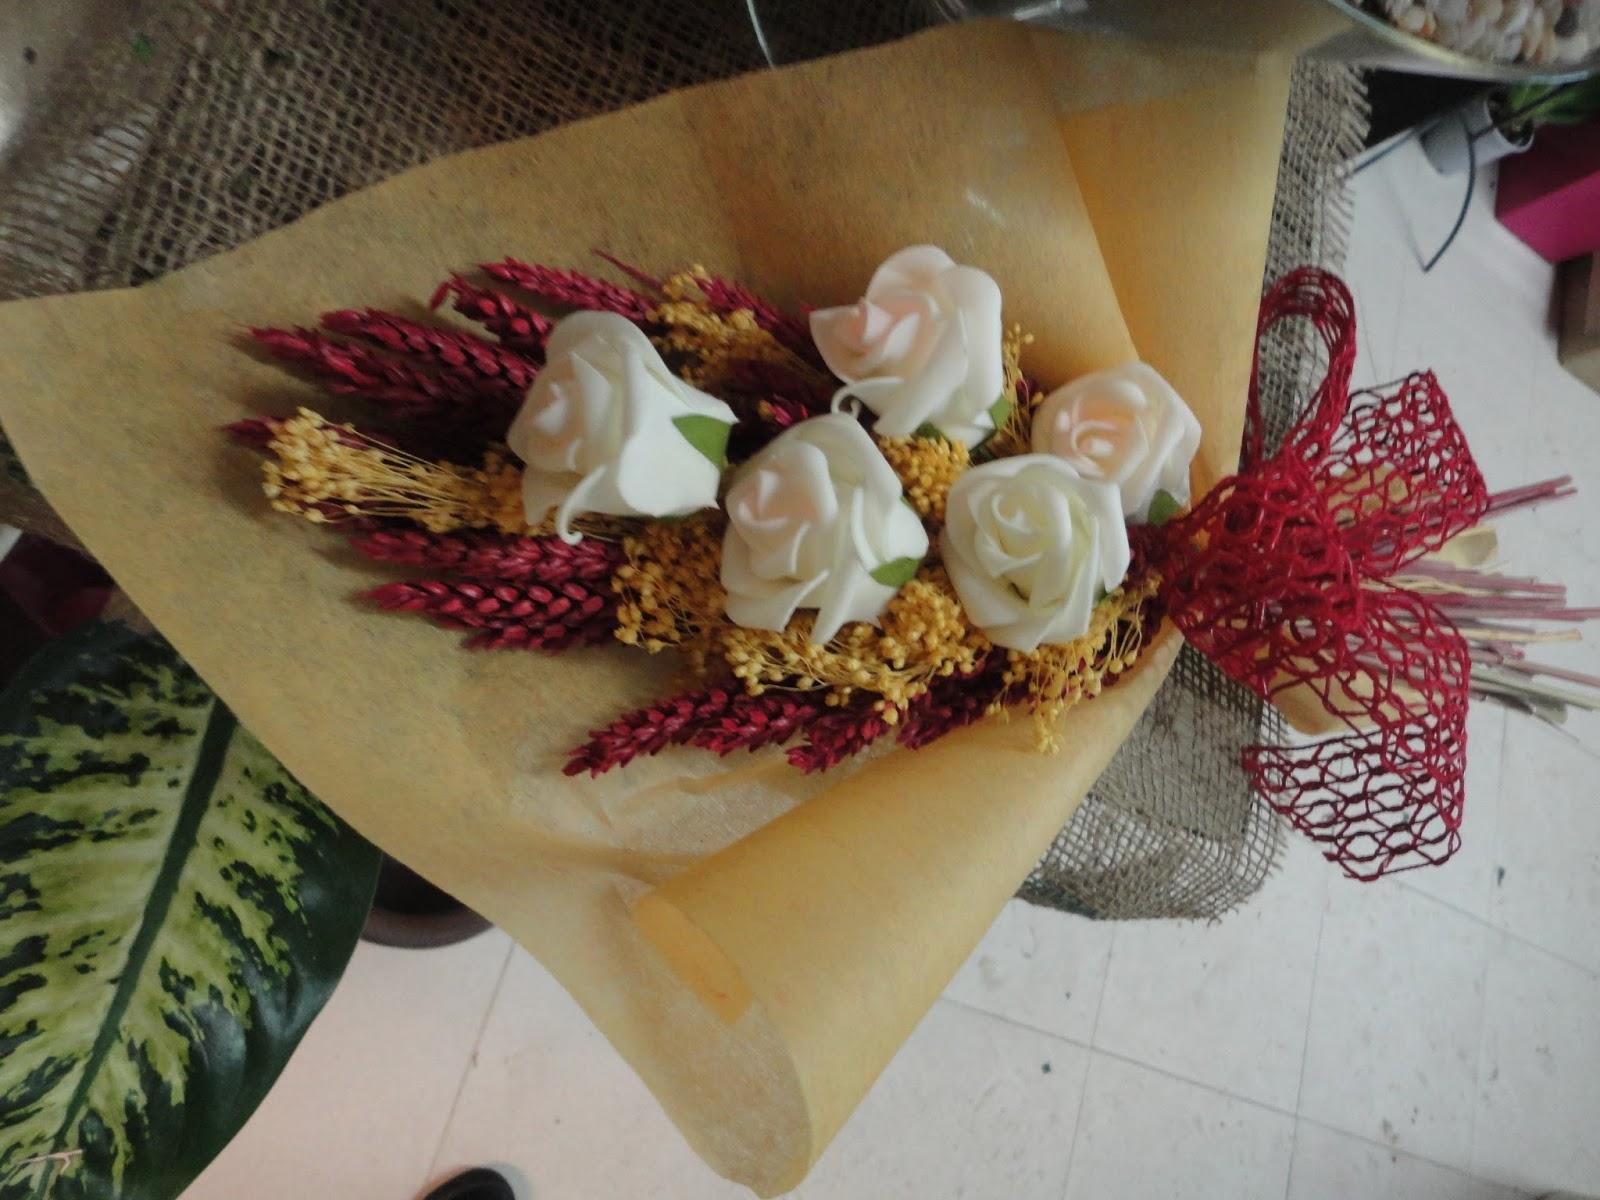 ramos de flores secas postado por florista gena